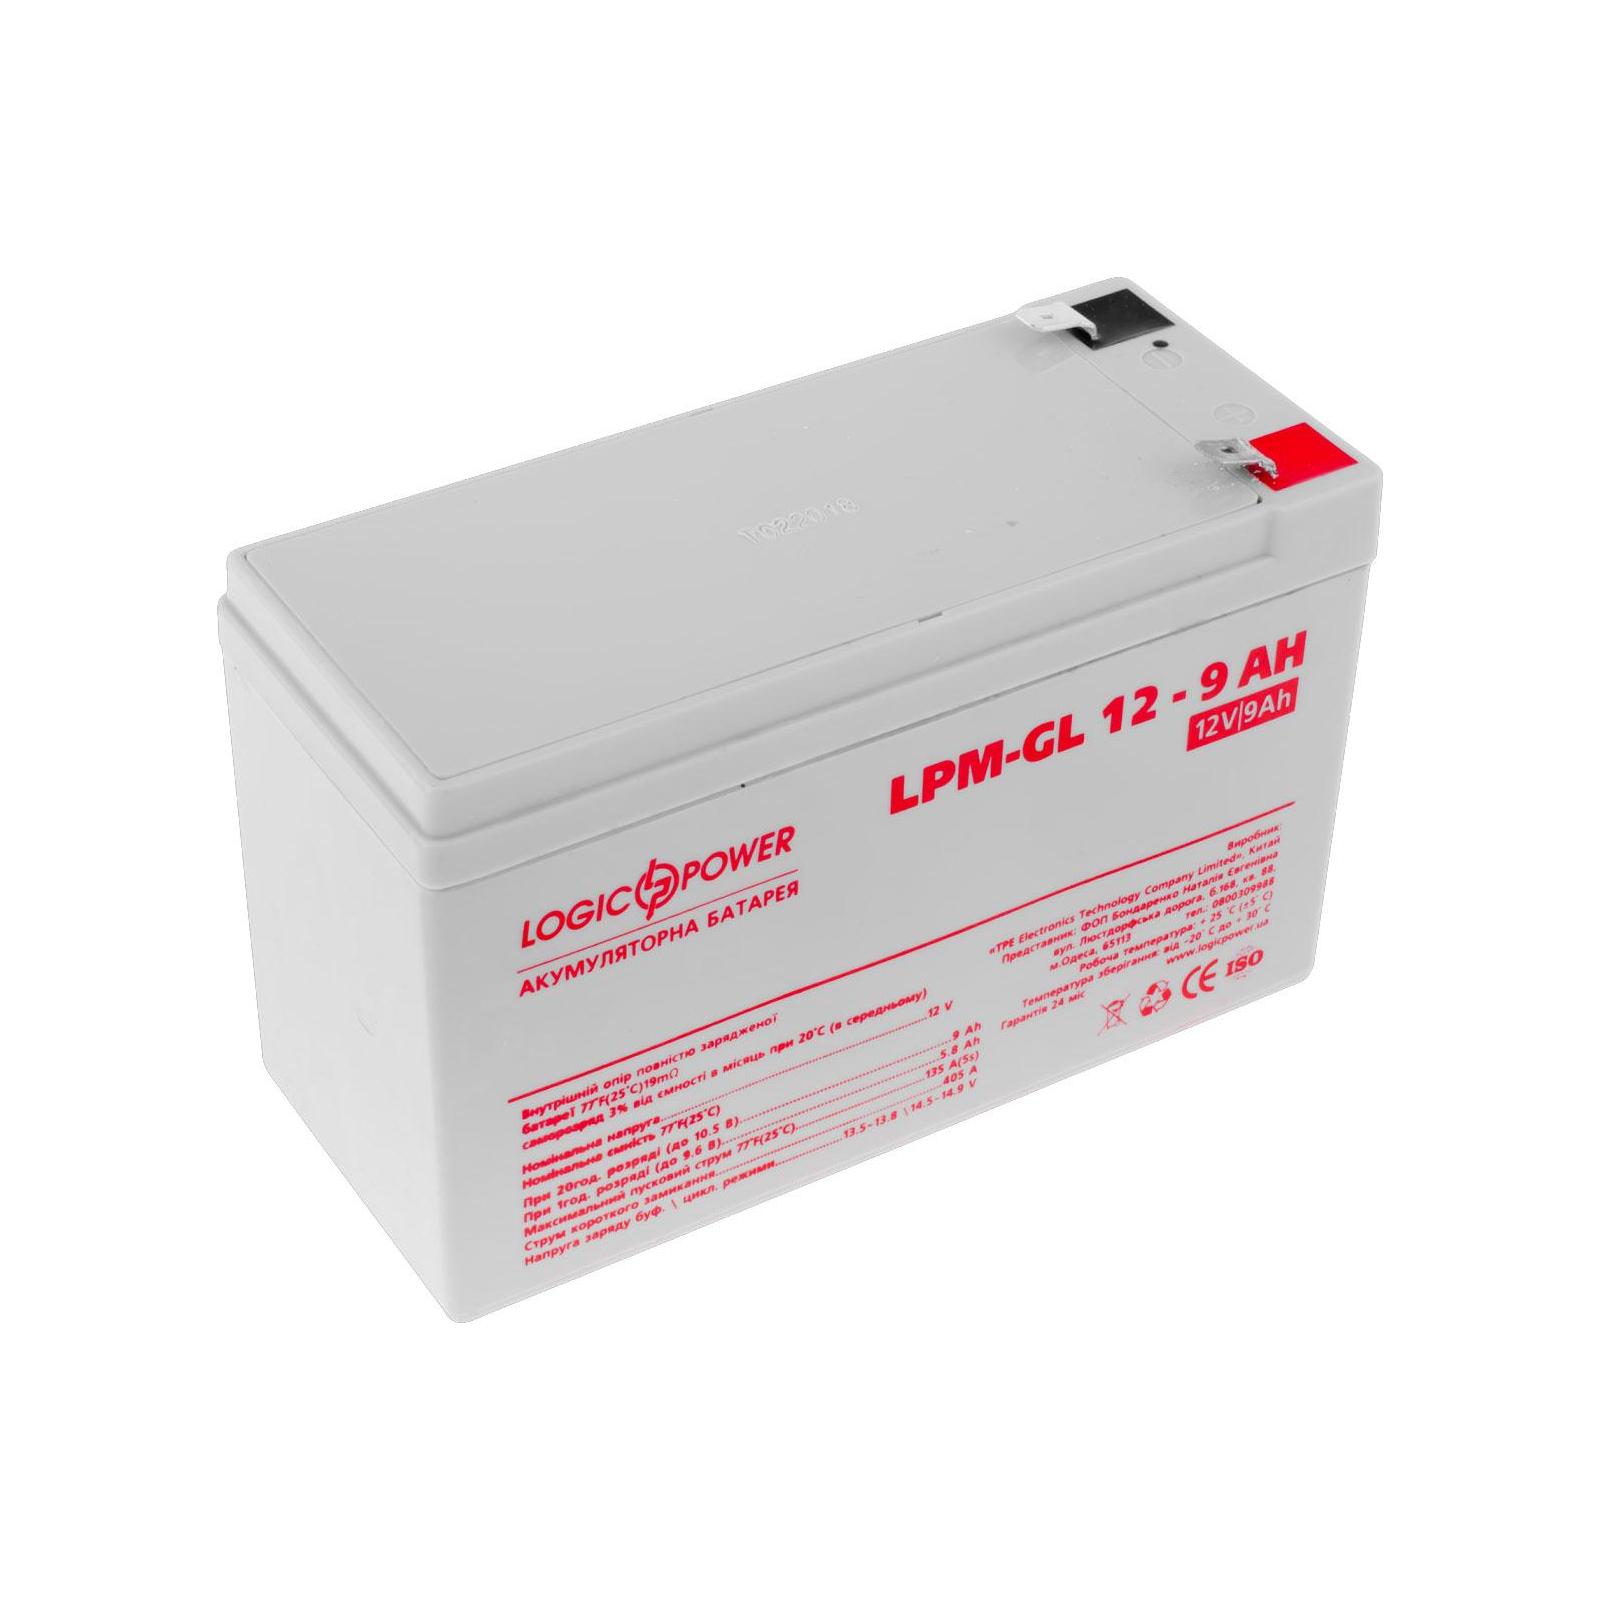 Батарея к ИБП LogicPower LPM-GL 12В 9Ач (6563) изображение 2